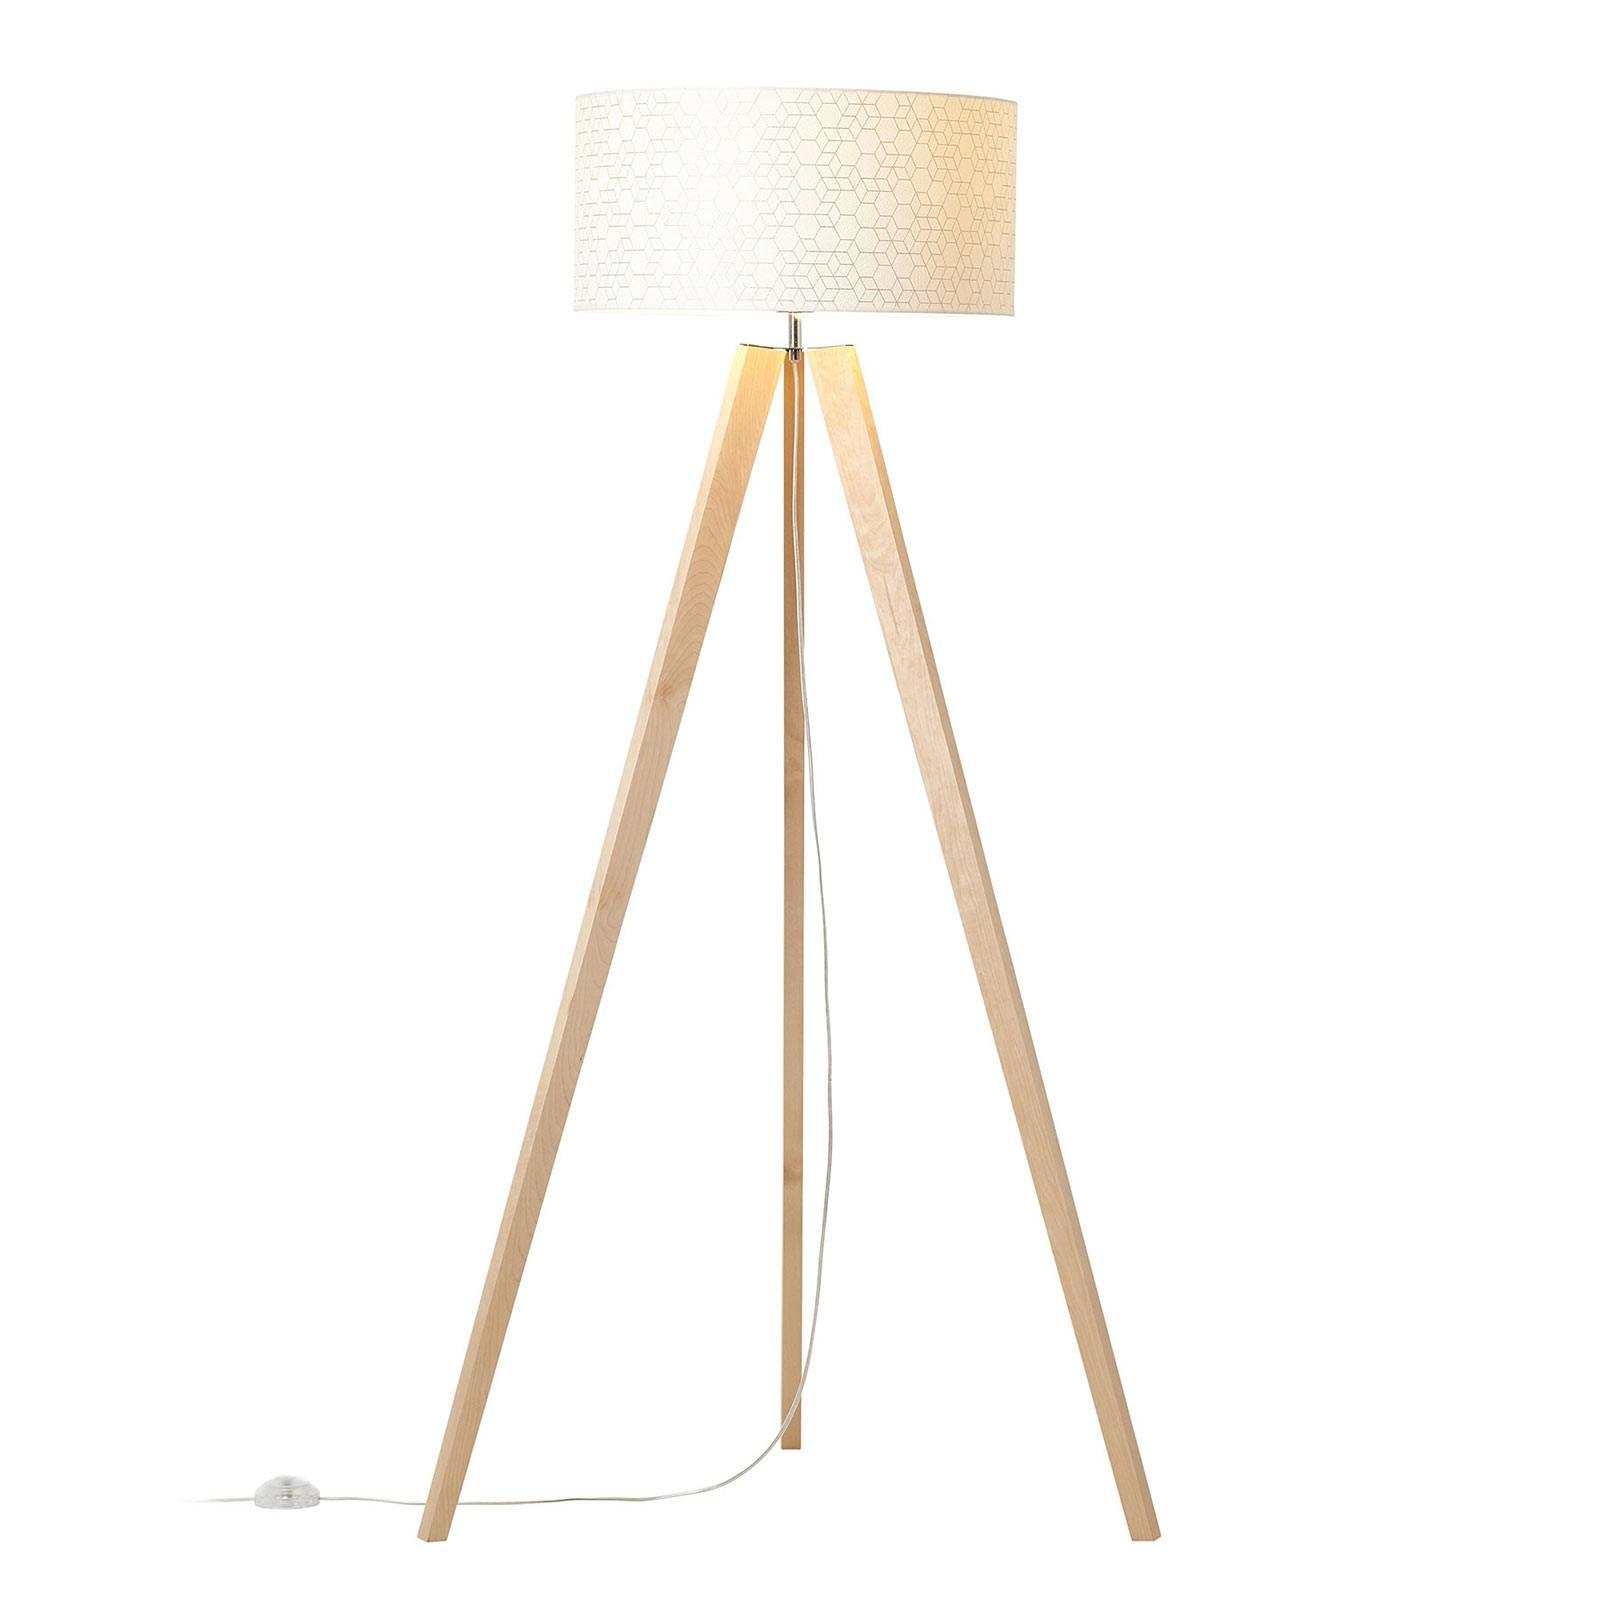 Lattiavalaisin Galance valkoinen puinen kolmijalka